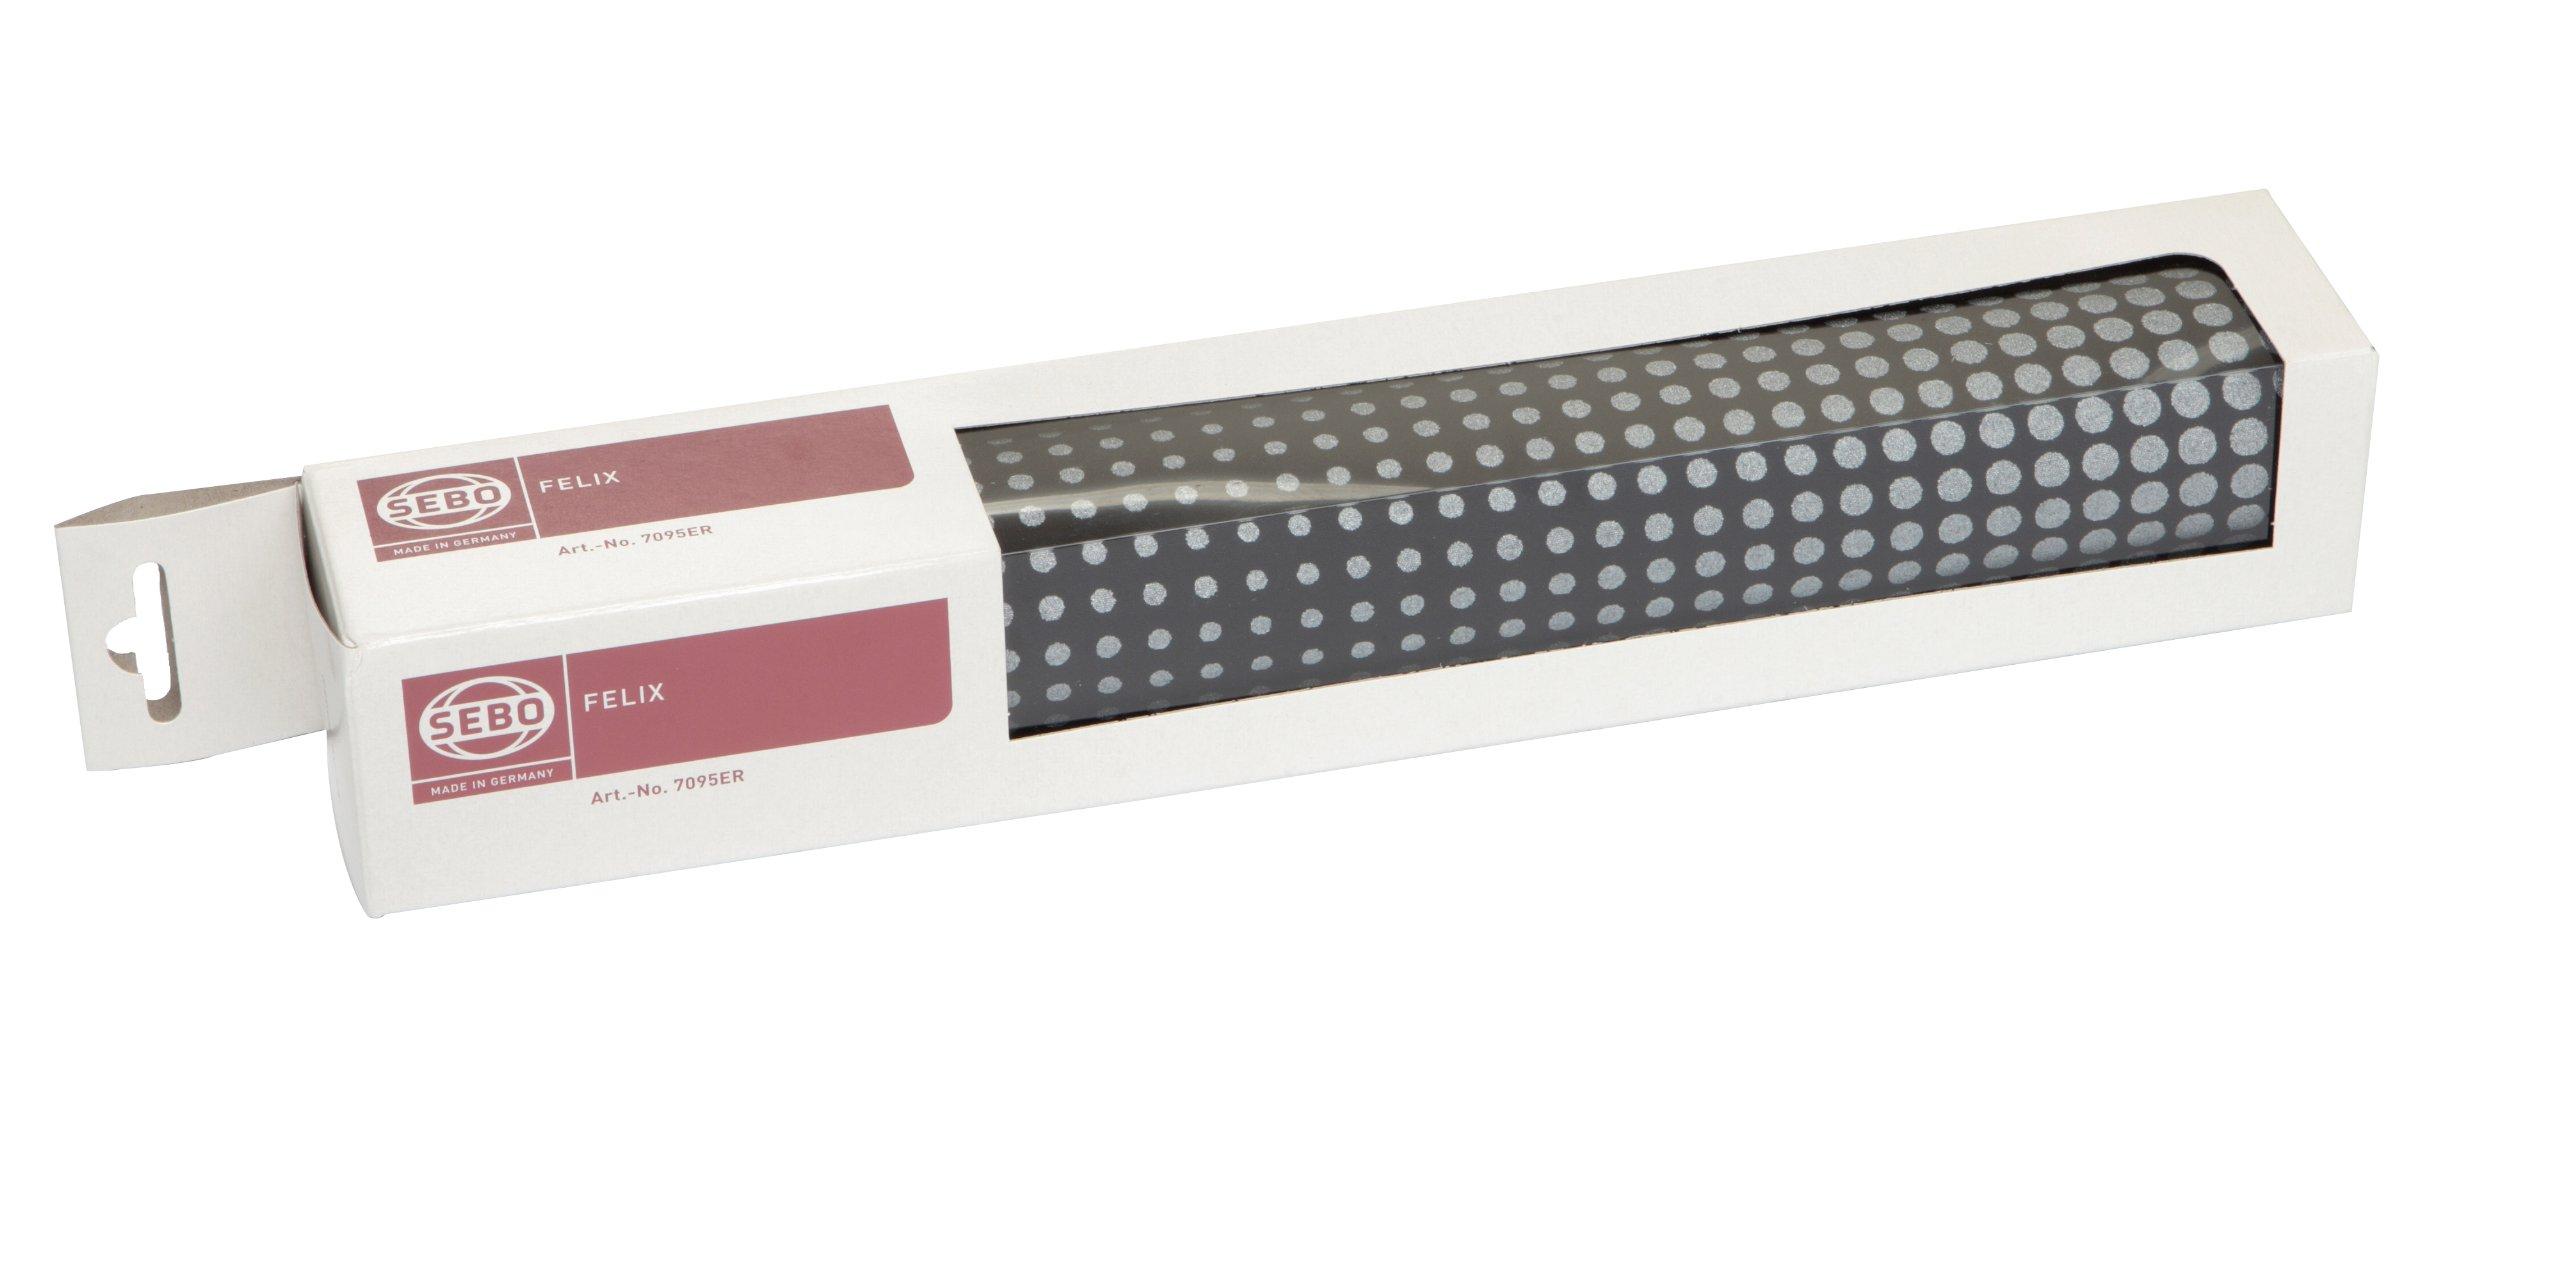 Sebo 7095ER01 Exhaust Filter Platinum for Felix Black by Sebo